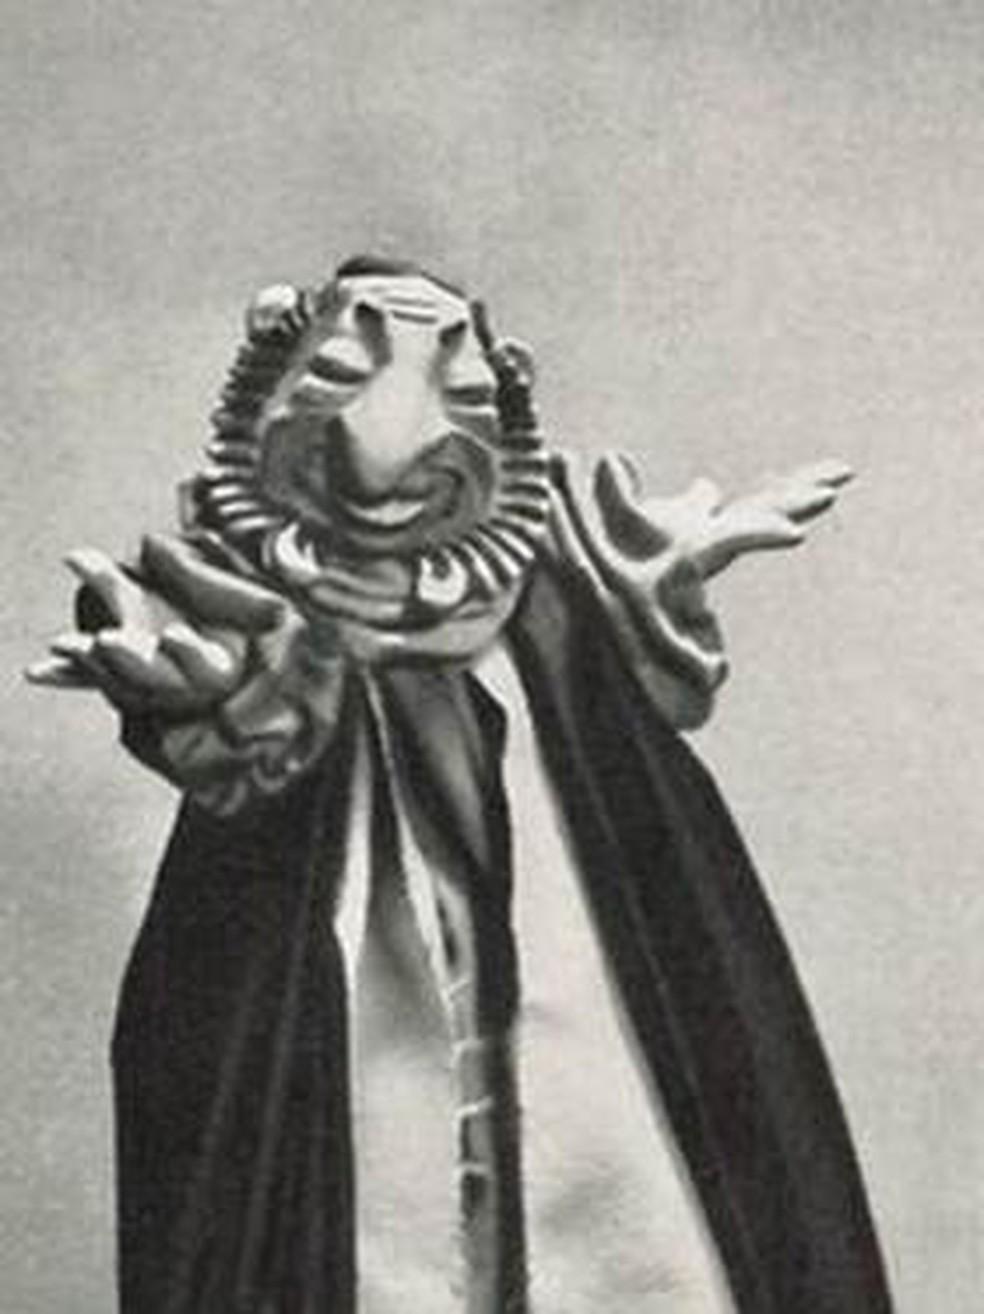 O 'fantoche judeu' era utilizado em apresentações de propaganda para organizações partidárias nazistas. — Foto: Arquivo pessoal (via BBC)